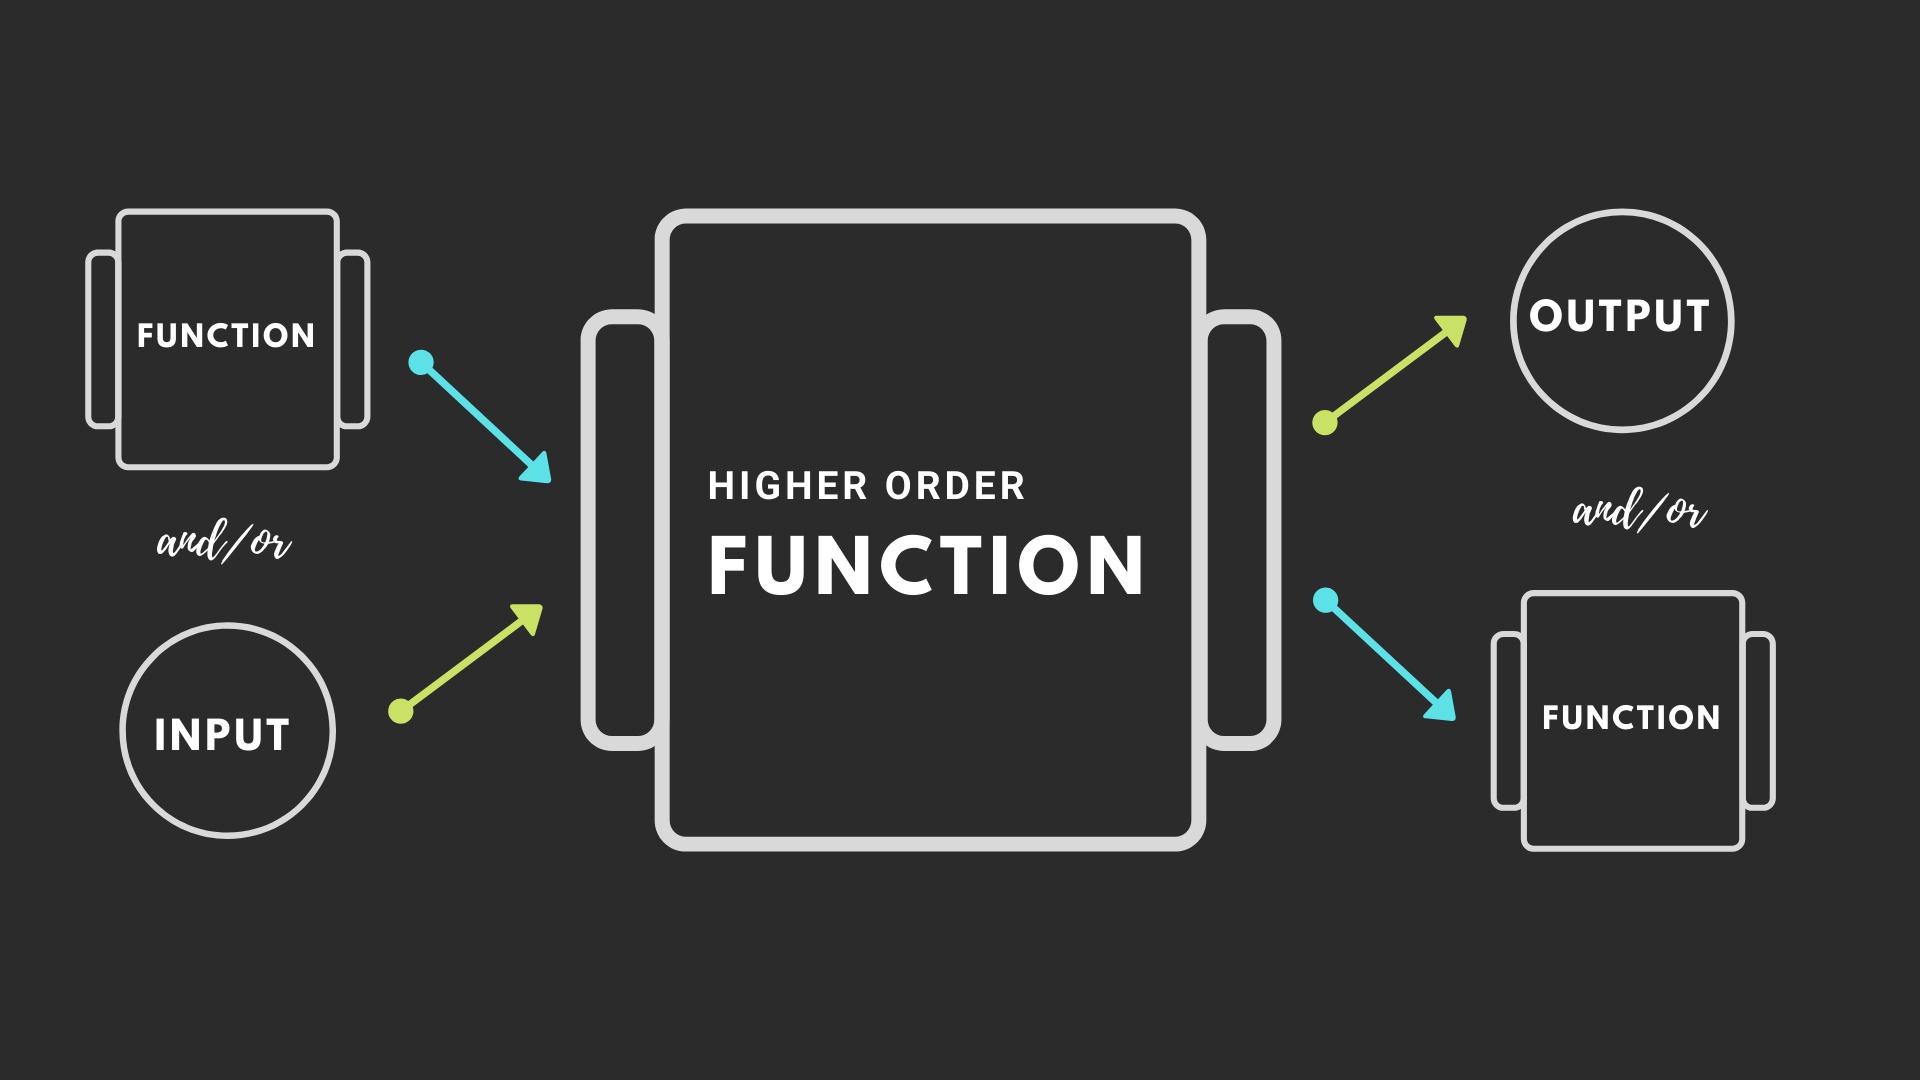 Higher order function Image